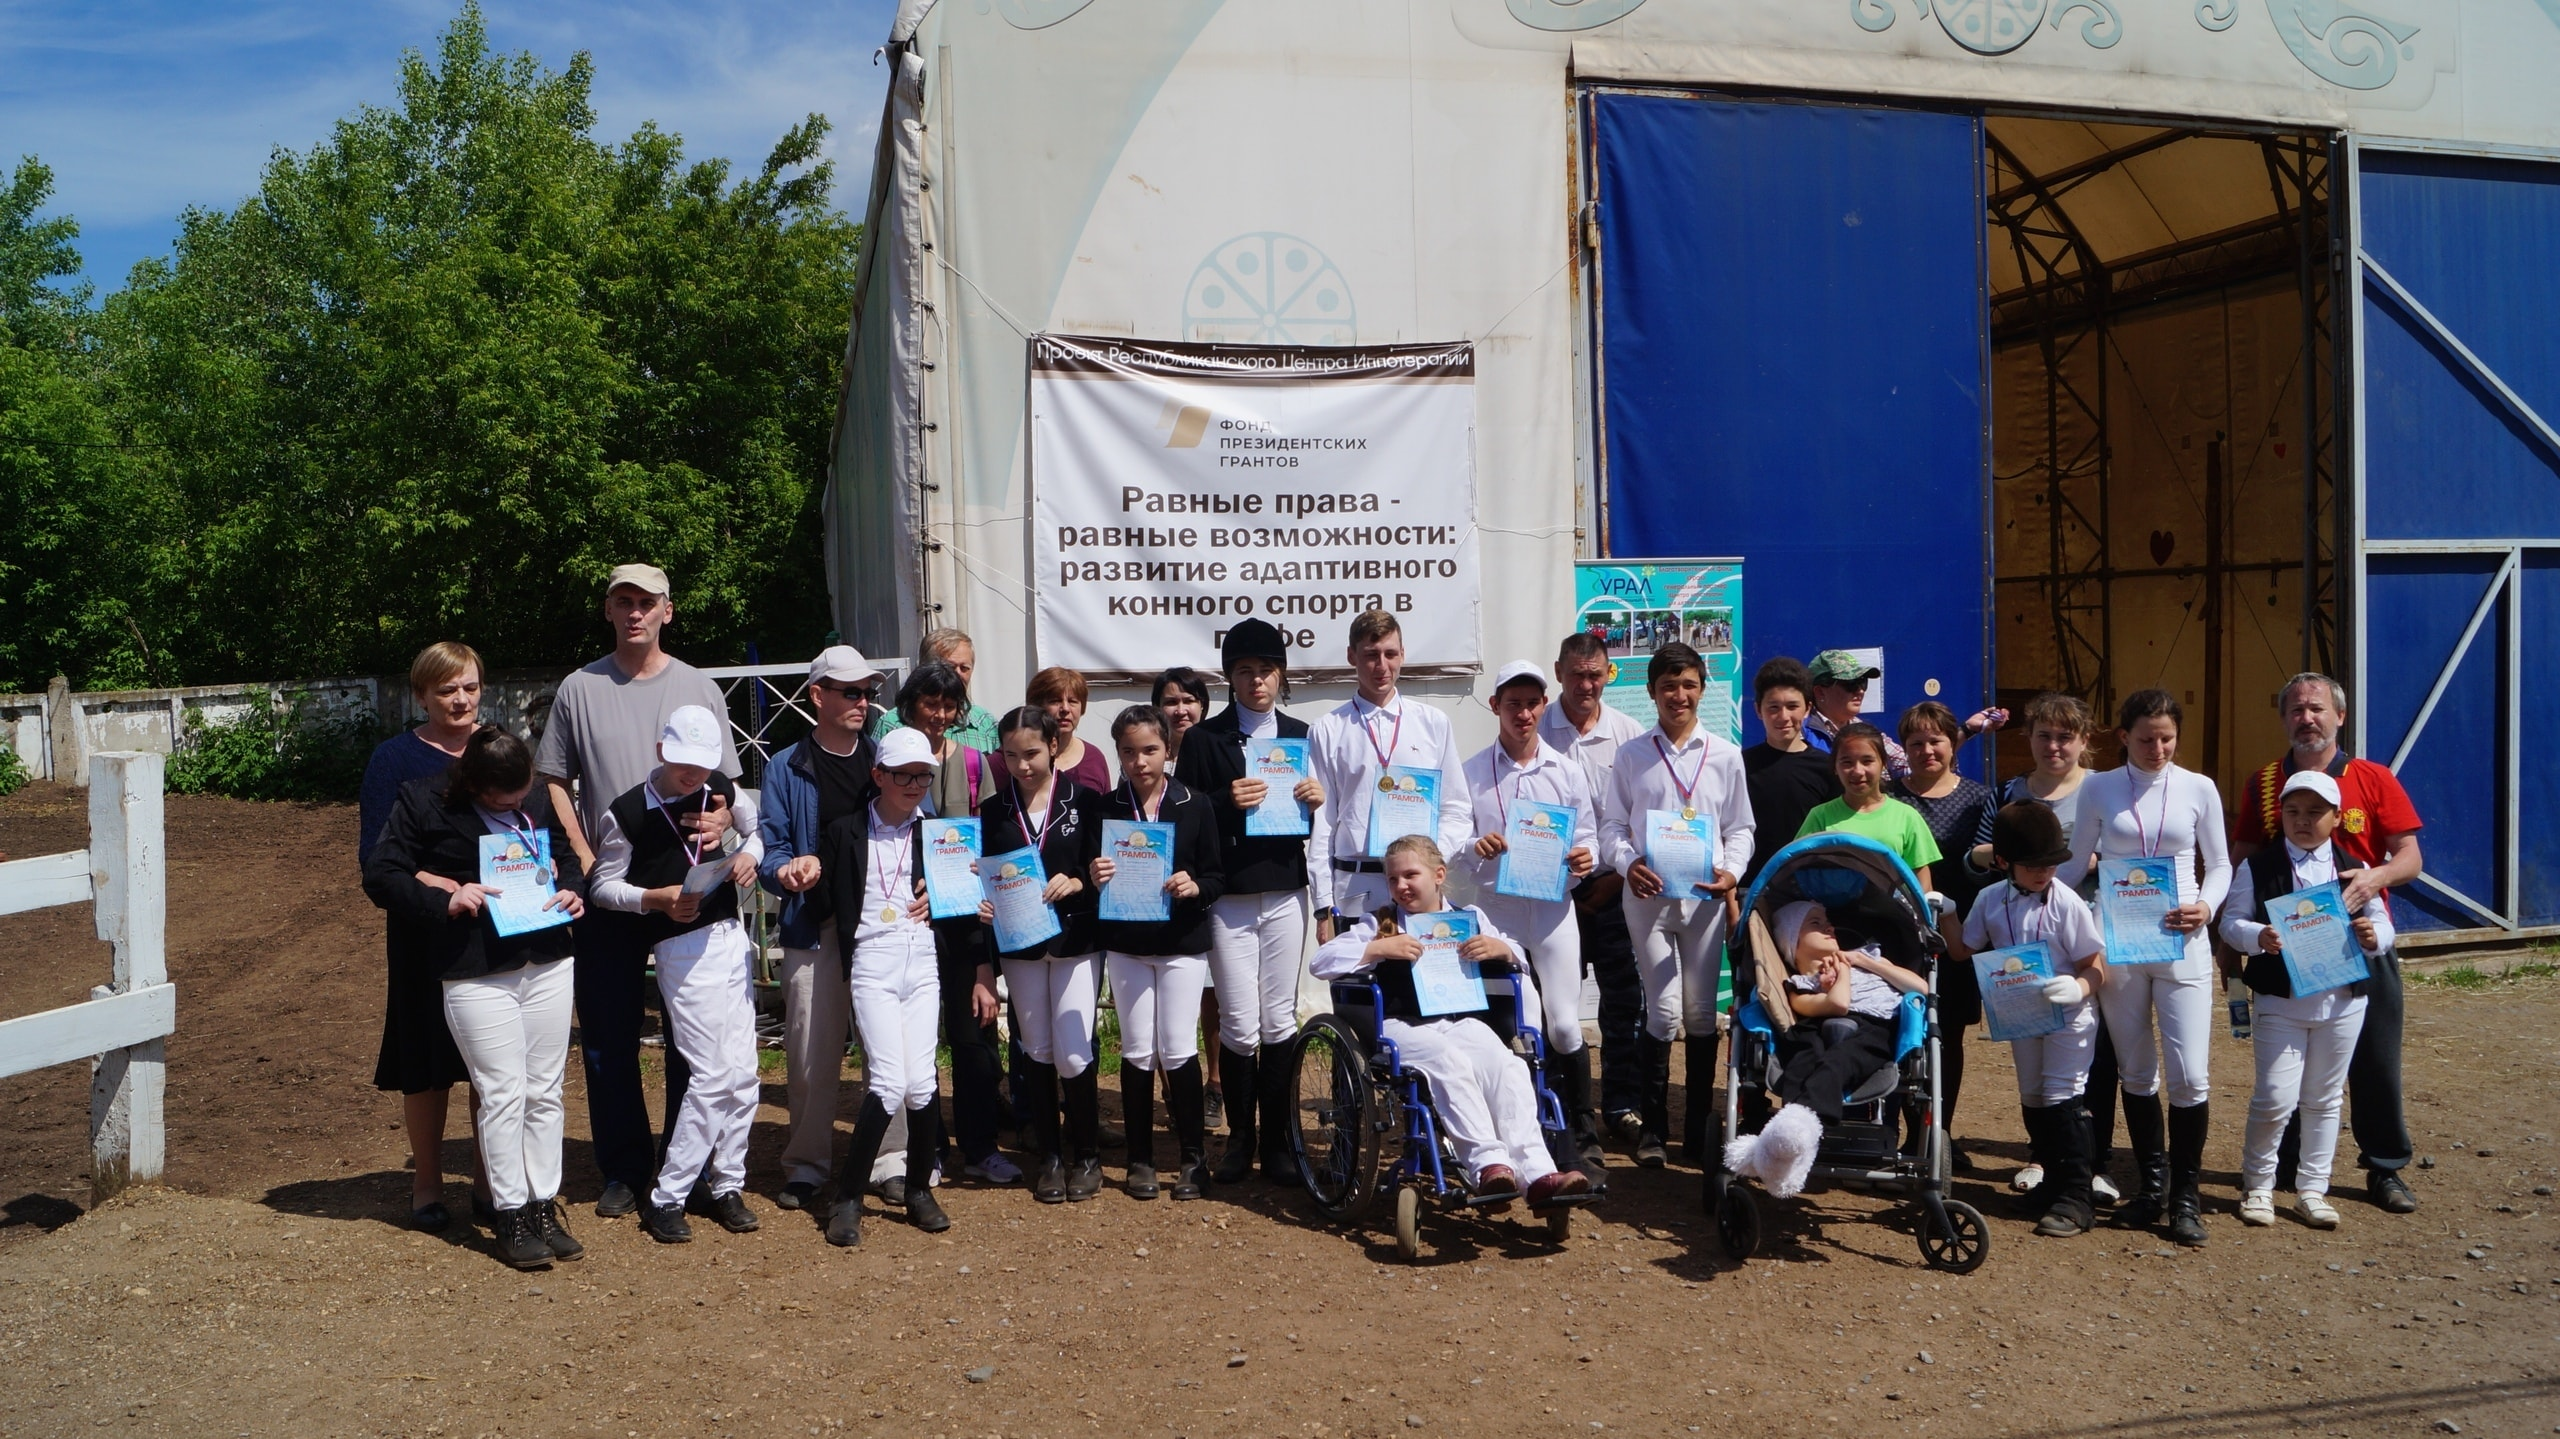 Городские соревнования по адаптивному конному спорту